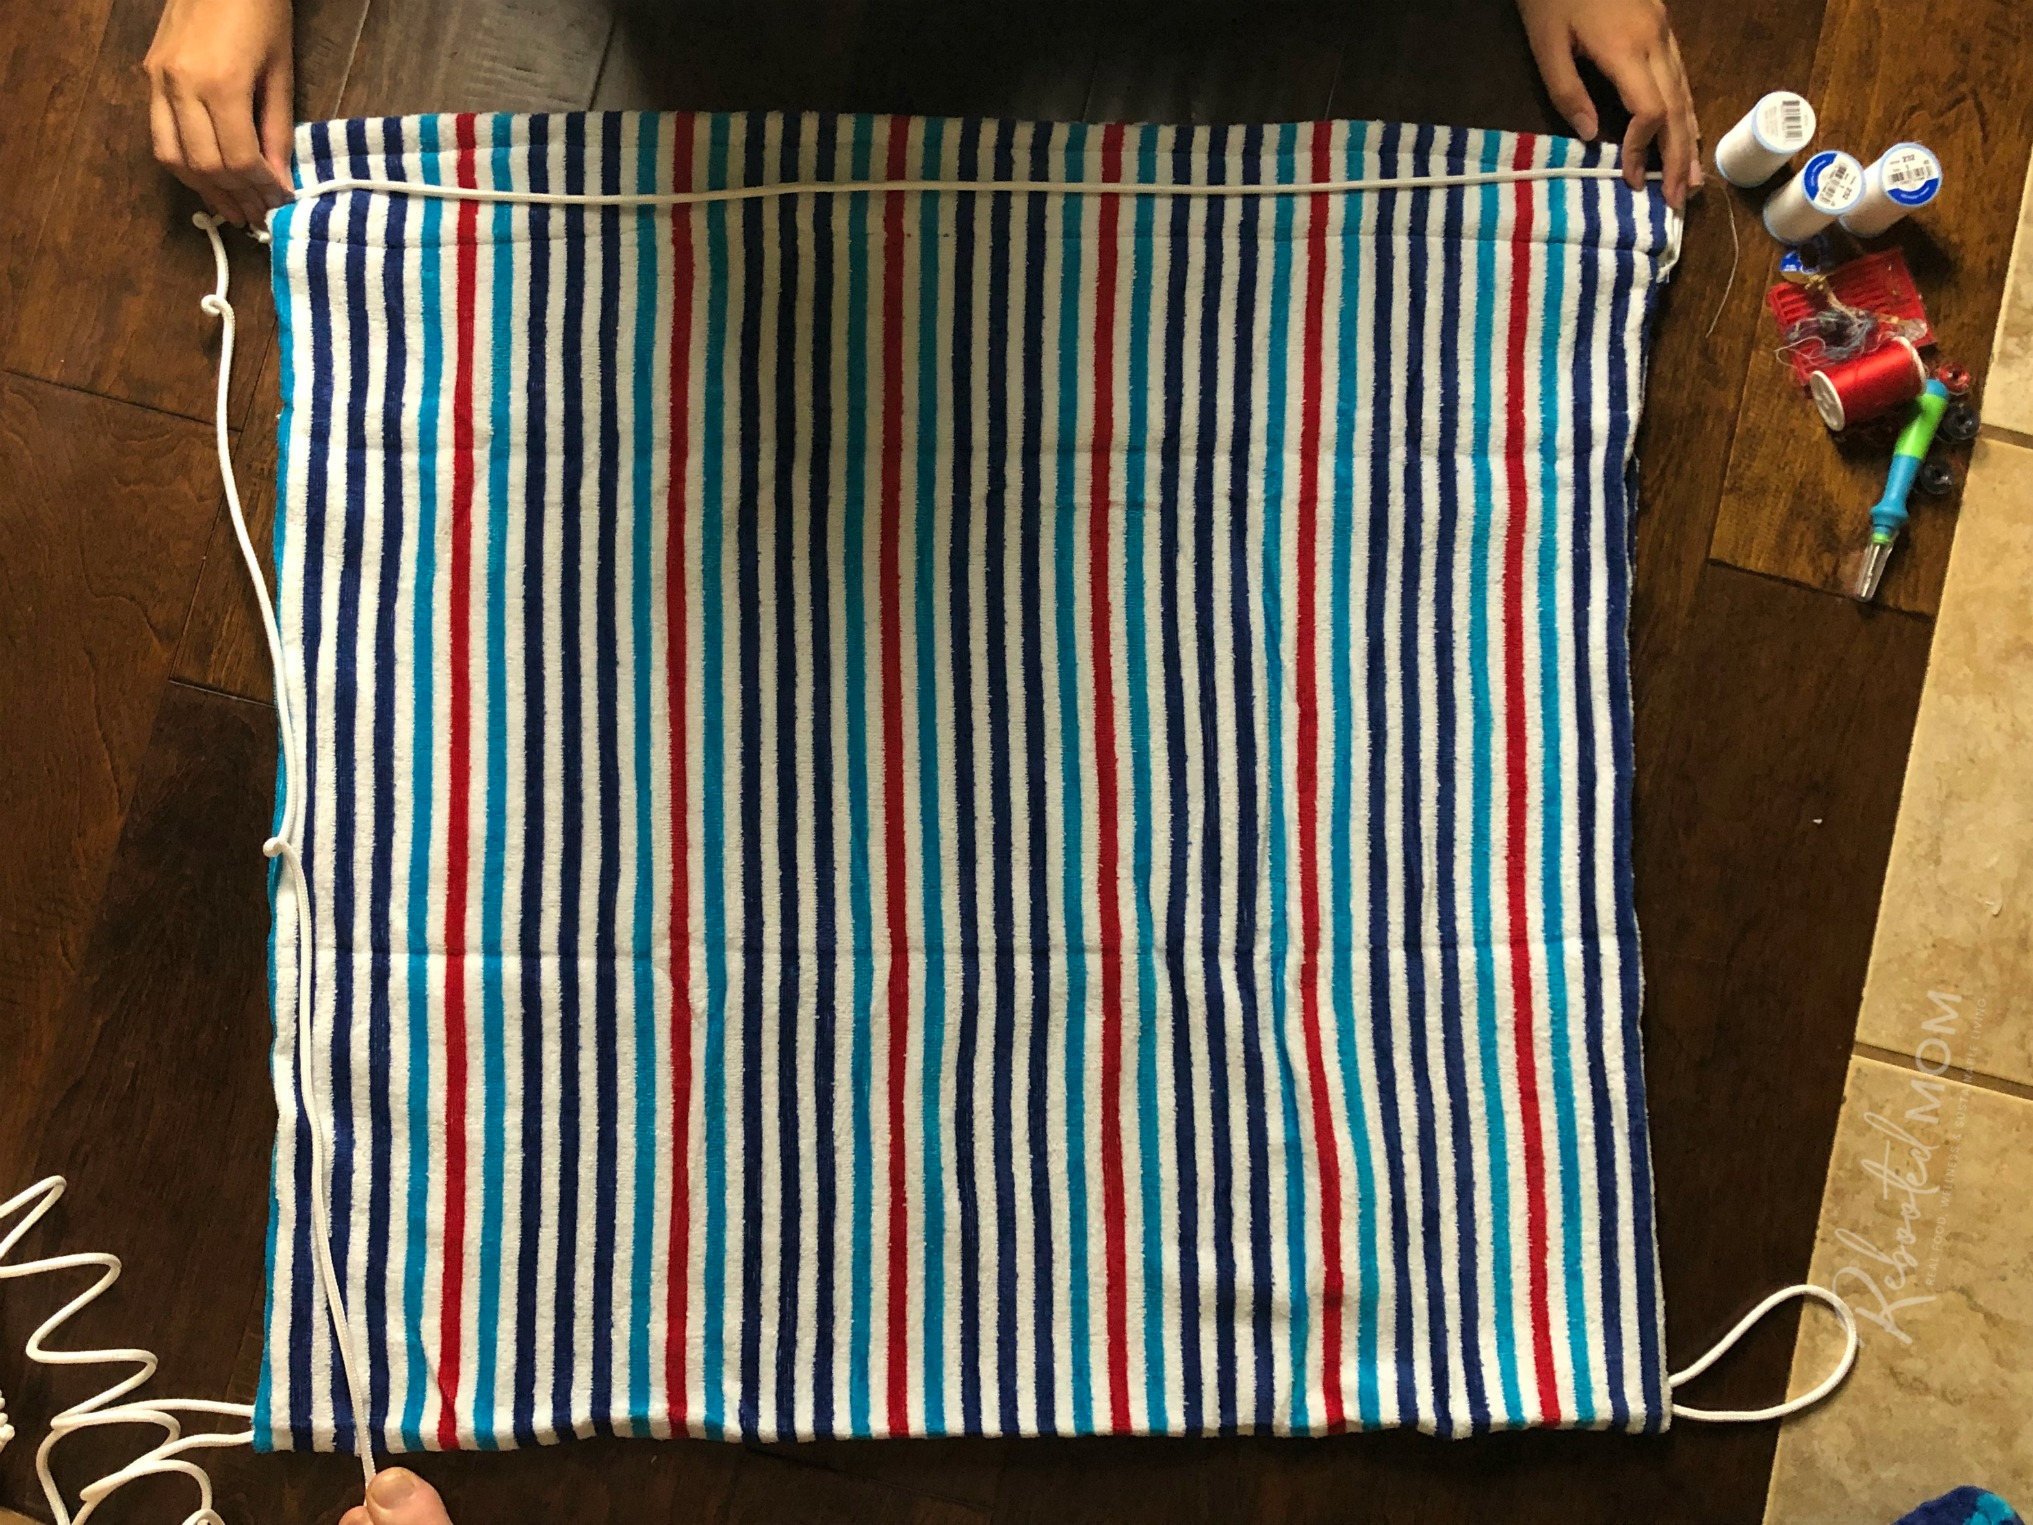 DIY Beach Towel Bag - measure the rope ties